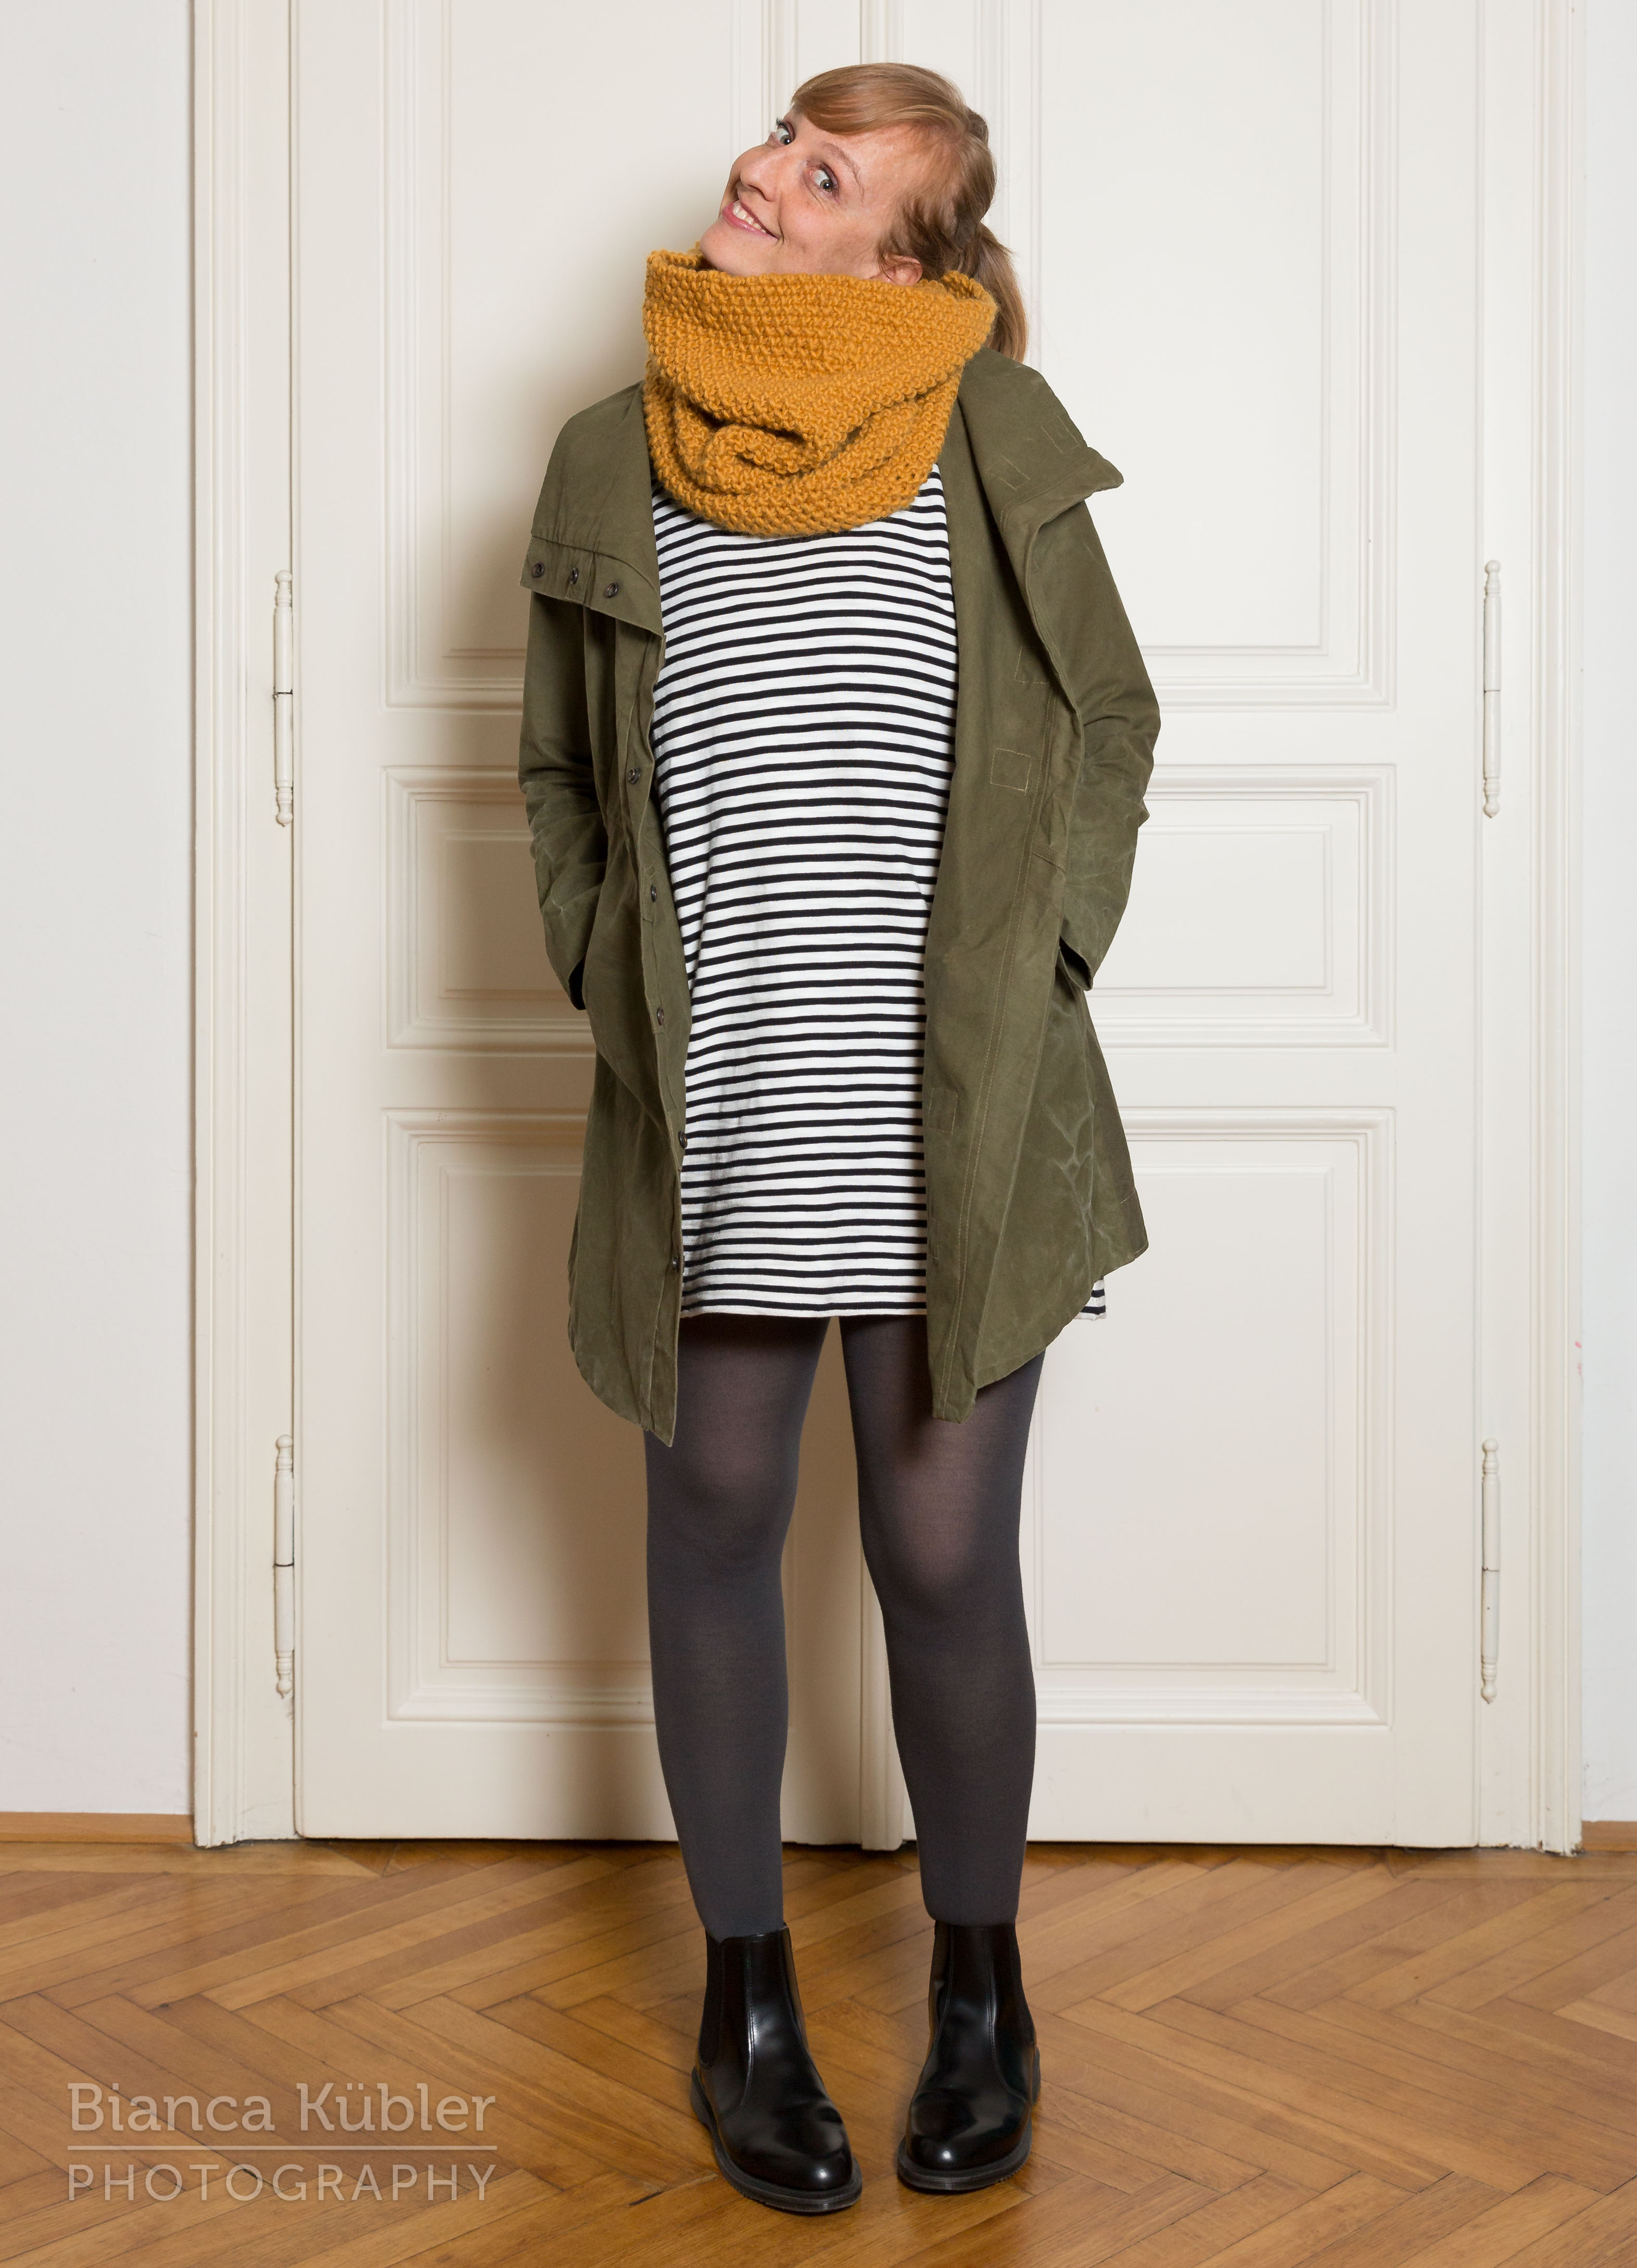 outfit woche ich bin ein km a groupie ich kauf nix. Black Bedroom Furniture Sets. Home Design Ideas